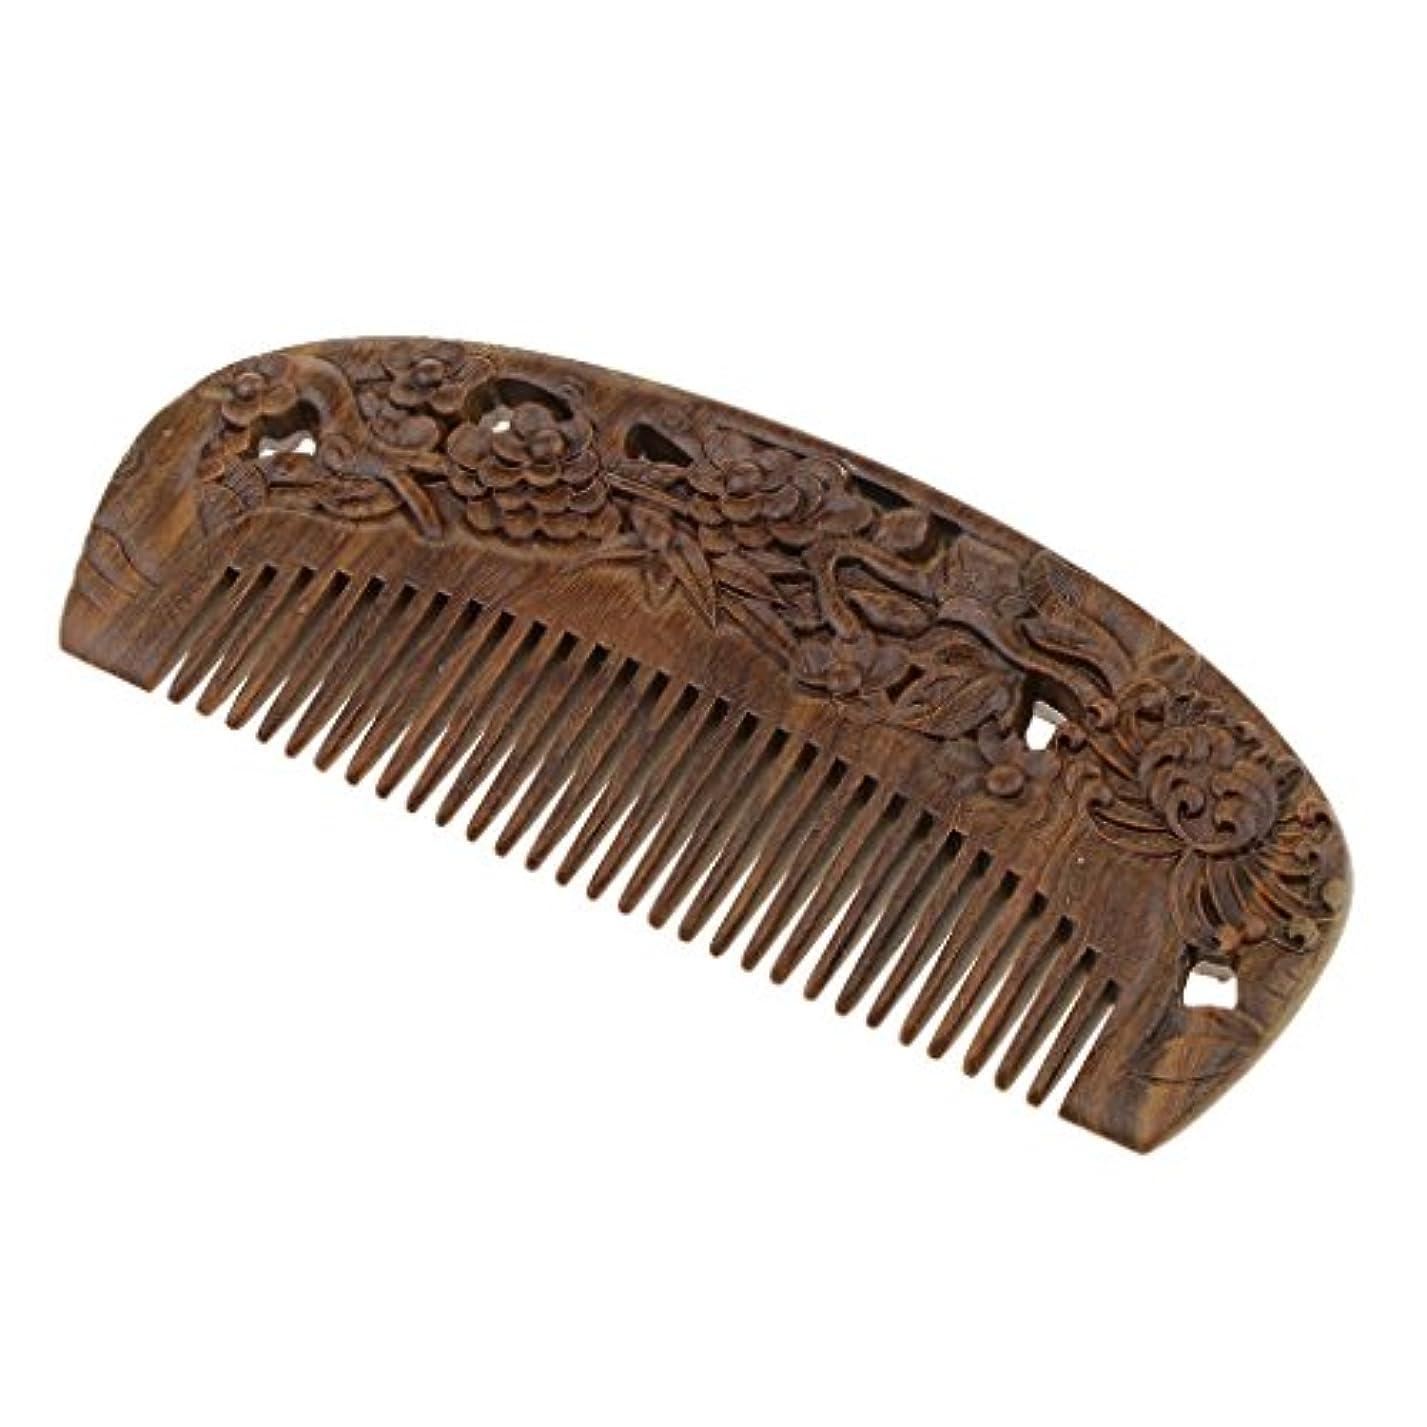 T TOOYFUL 木製櫛 木製コーム ウッドコーム ワイド歯 ヘアブラシ 頭皮マッサージ 静電防止 全2種類 - #2